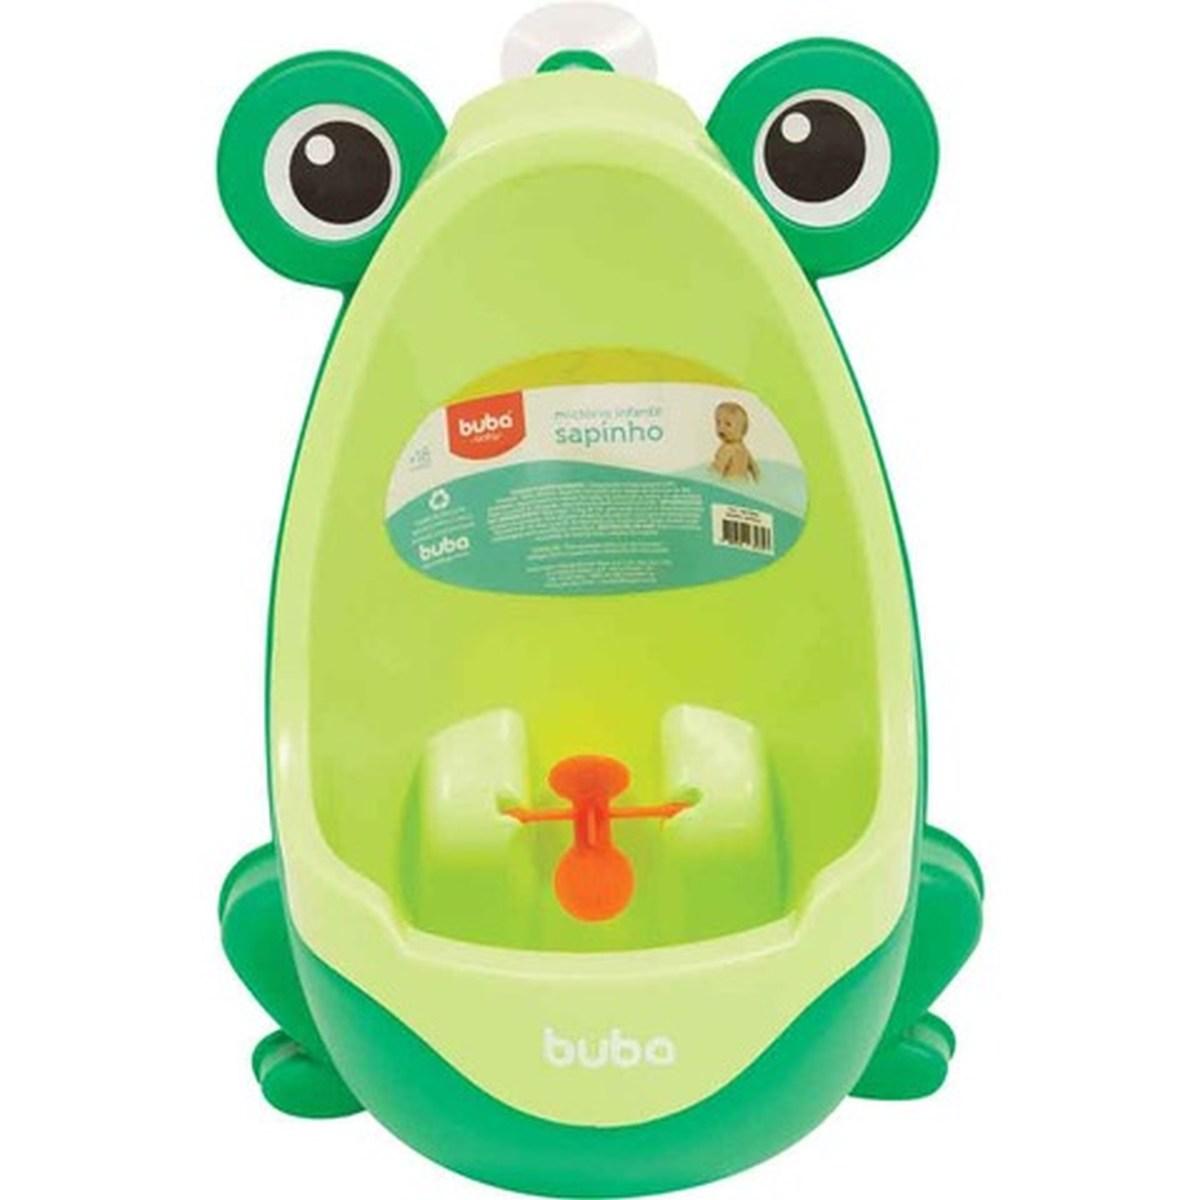 Pinico Mictorio Infantil Com Ventosa Verde Sapinho Baby